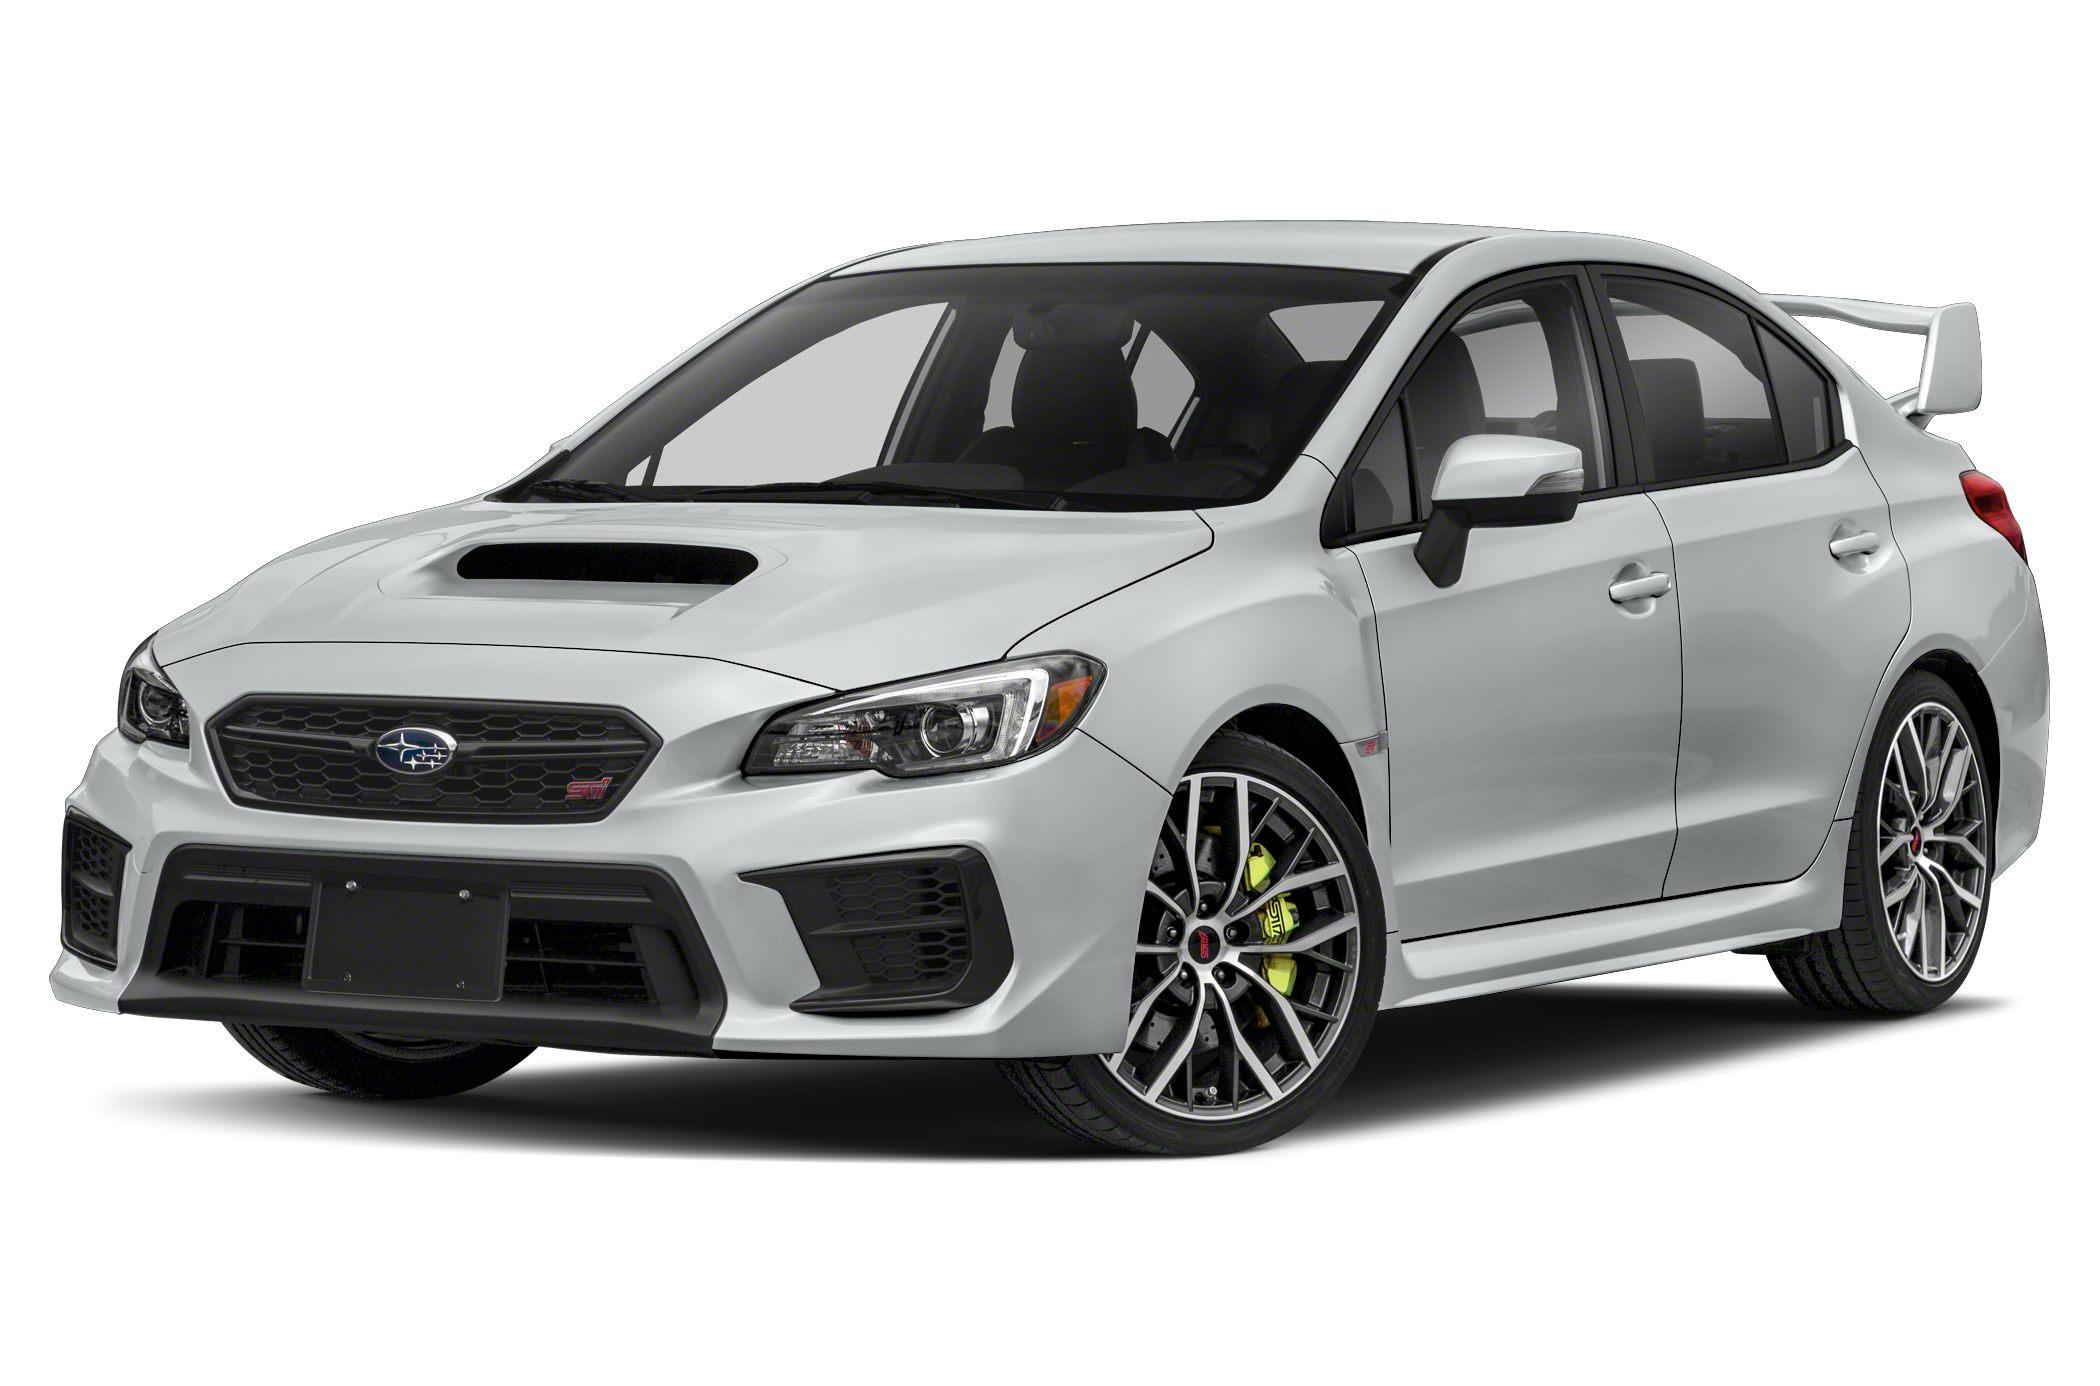 2020 Subaru Wrx Sti Specs And Prices